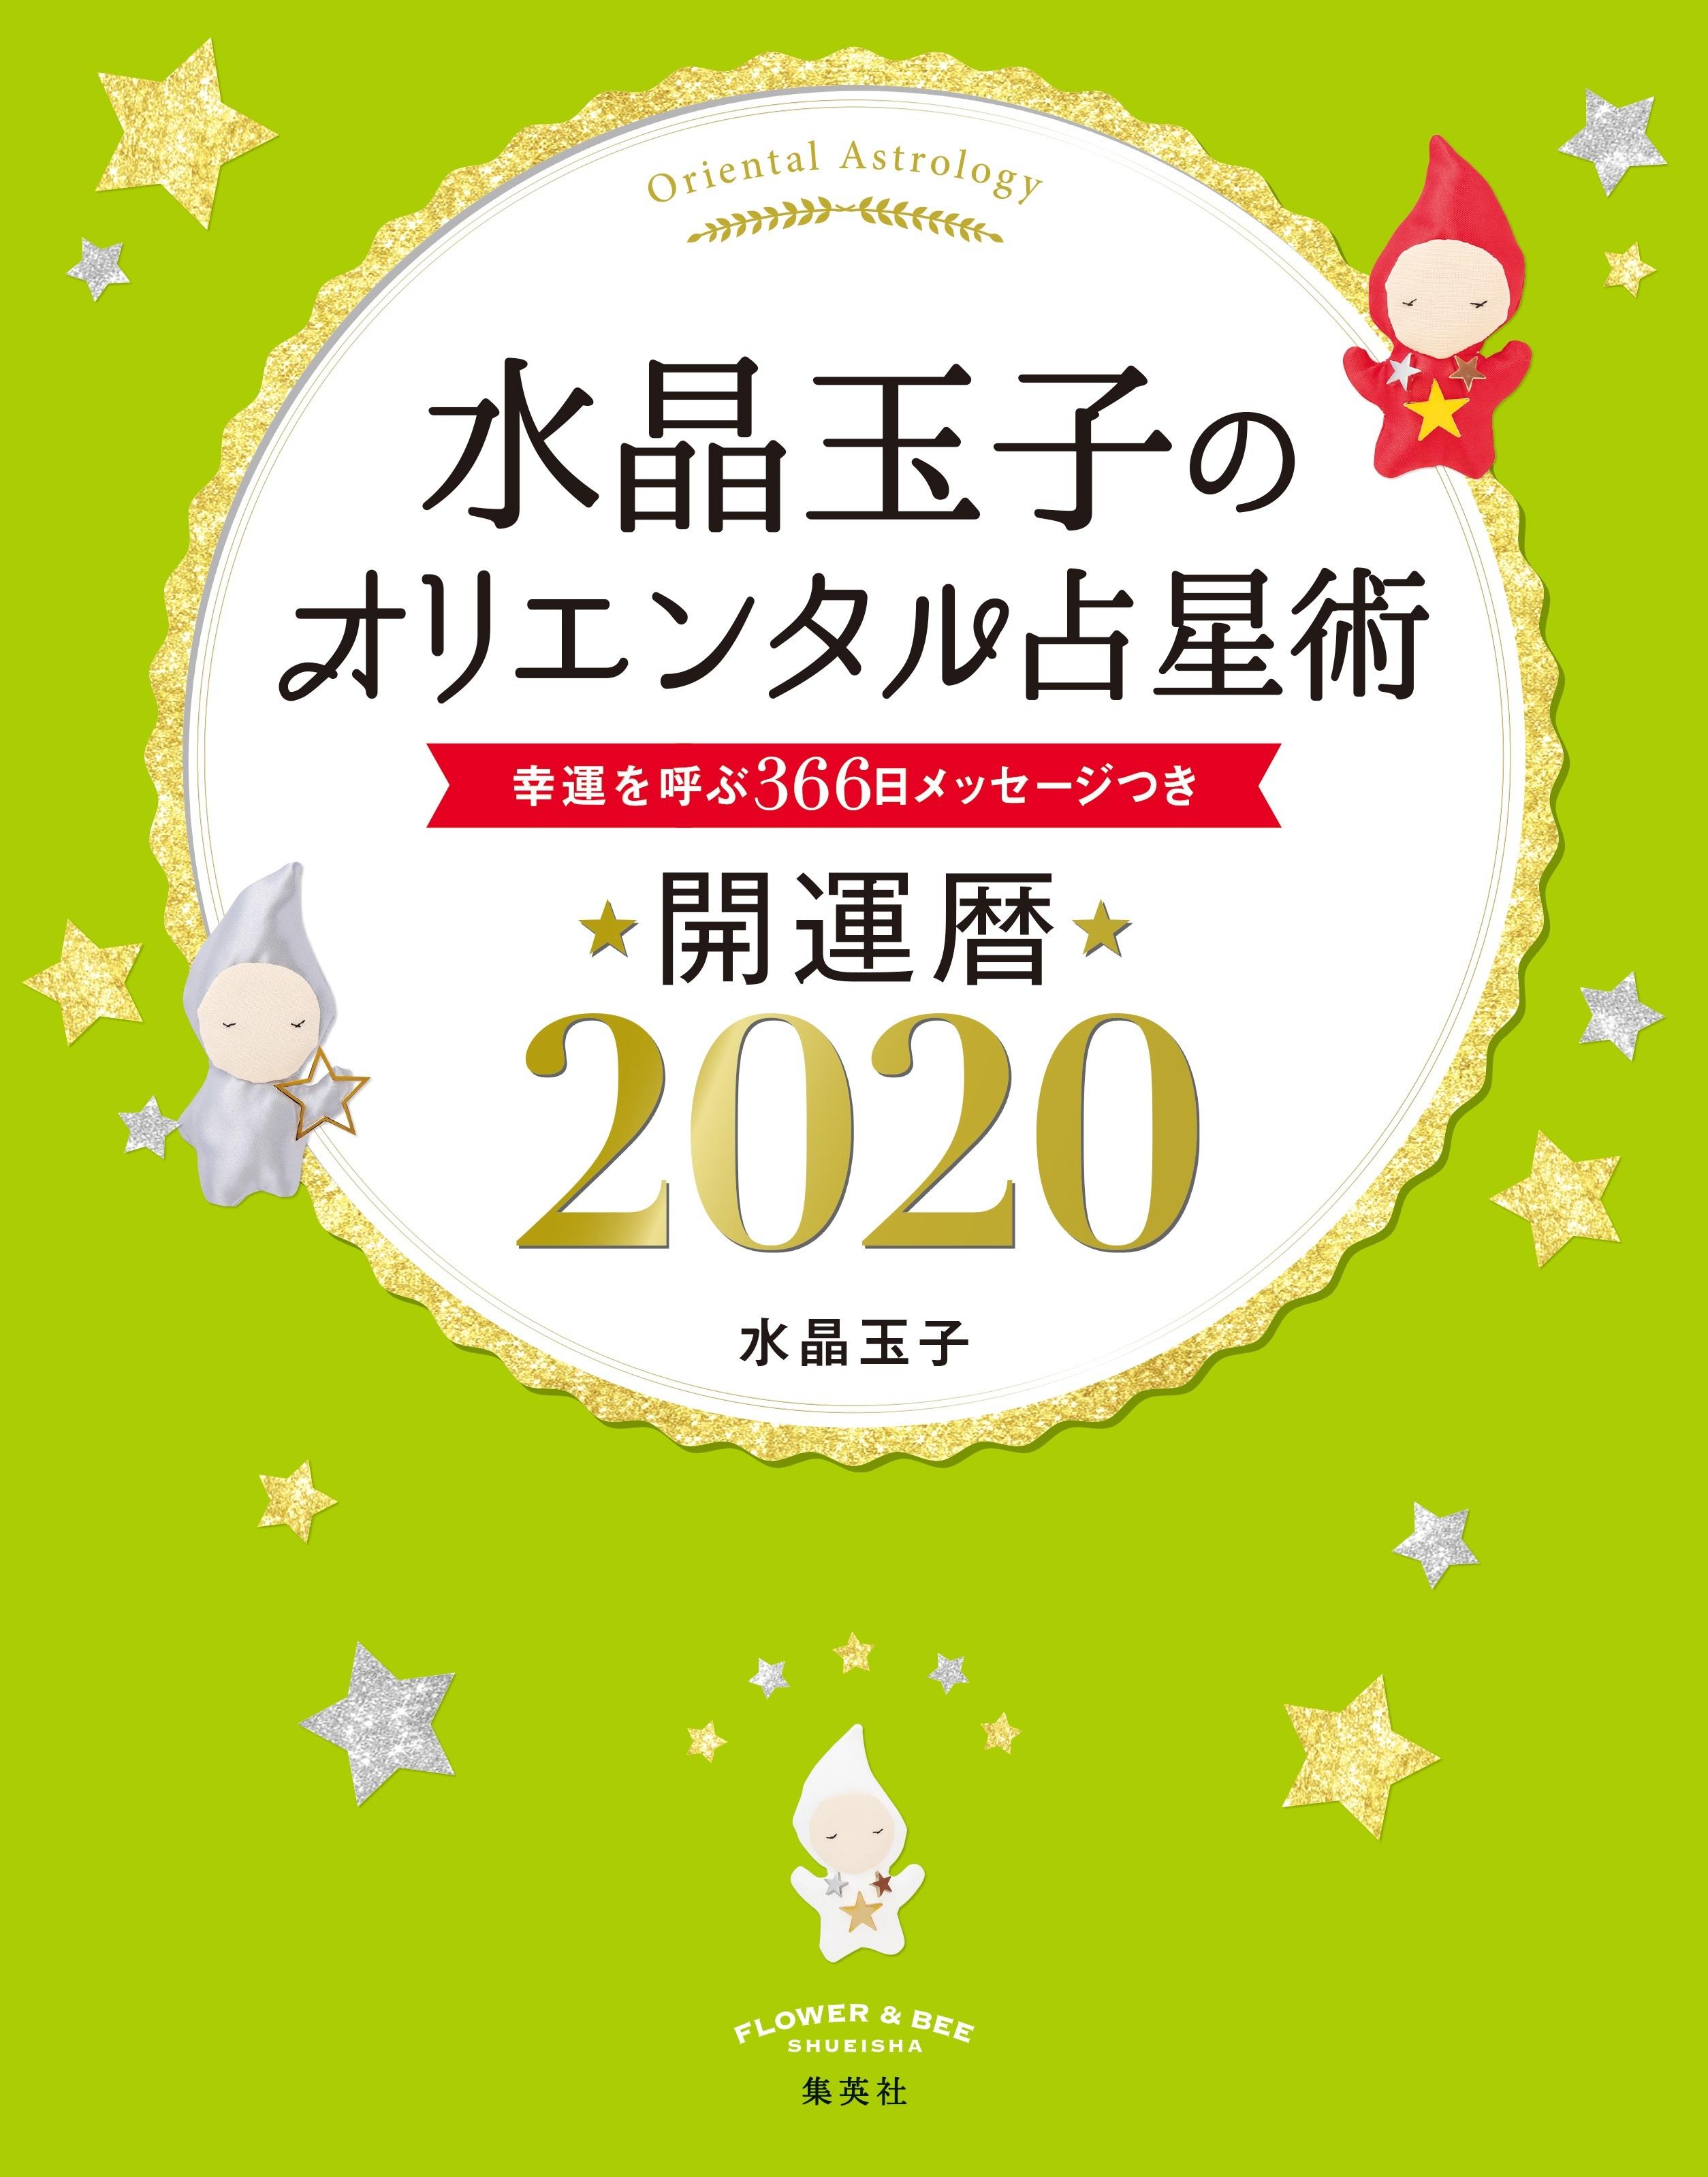 水晶玉子の著書「水晶玉子のオリエンタル占星術 幸運を呼ぶ366日メッセージつき」開運歴2020 集英社発行